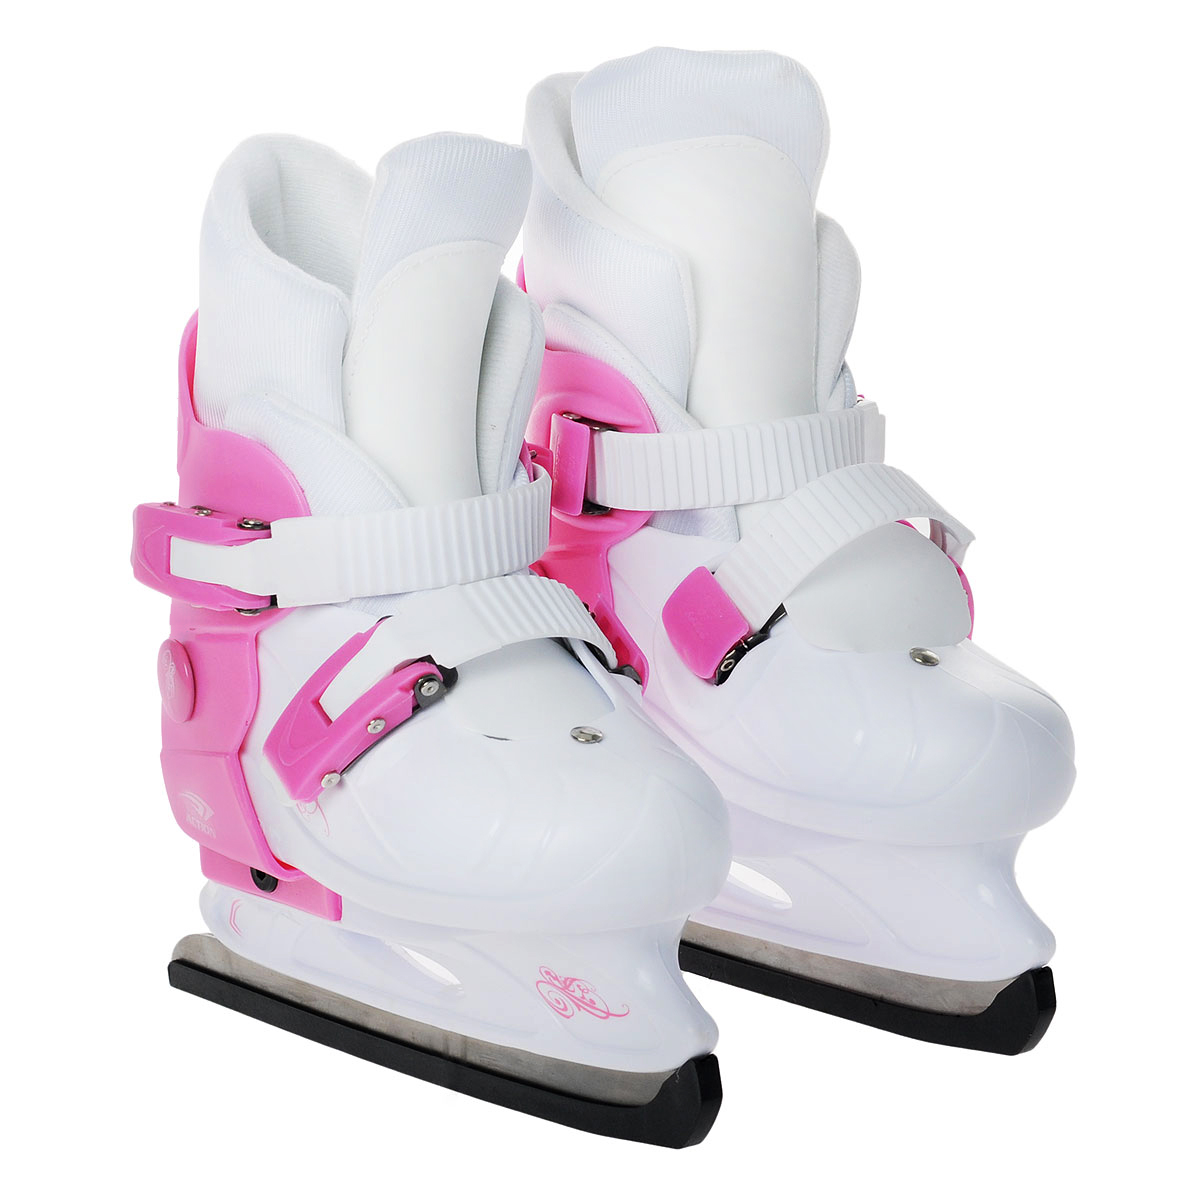 Коньки ледовые Action PW-219, раздвижные, цвет: розовый, белый. Размер 37/40CK Vision 2014Коньки Action PW-219 предназначены для любительского катания на искусственном и естественном льду, произведены из современных высококачественных материалов. Удобно, комфортно и просто изменить размер коньков.Удобный и надежный механизм застегивания, включающий две клипсы с фиксаторами, а так же специальная манжета, облегчающая ступню, делают катание на этих коньках безопасным и комфортным.Лезвие изготовлено из нержавеющей стали.